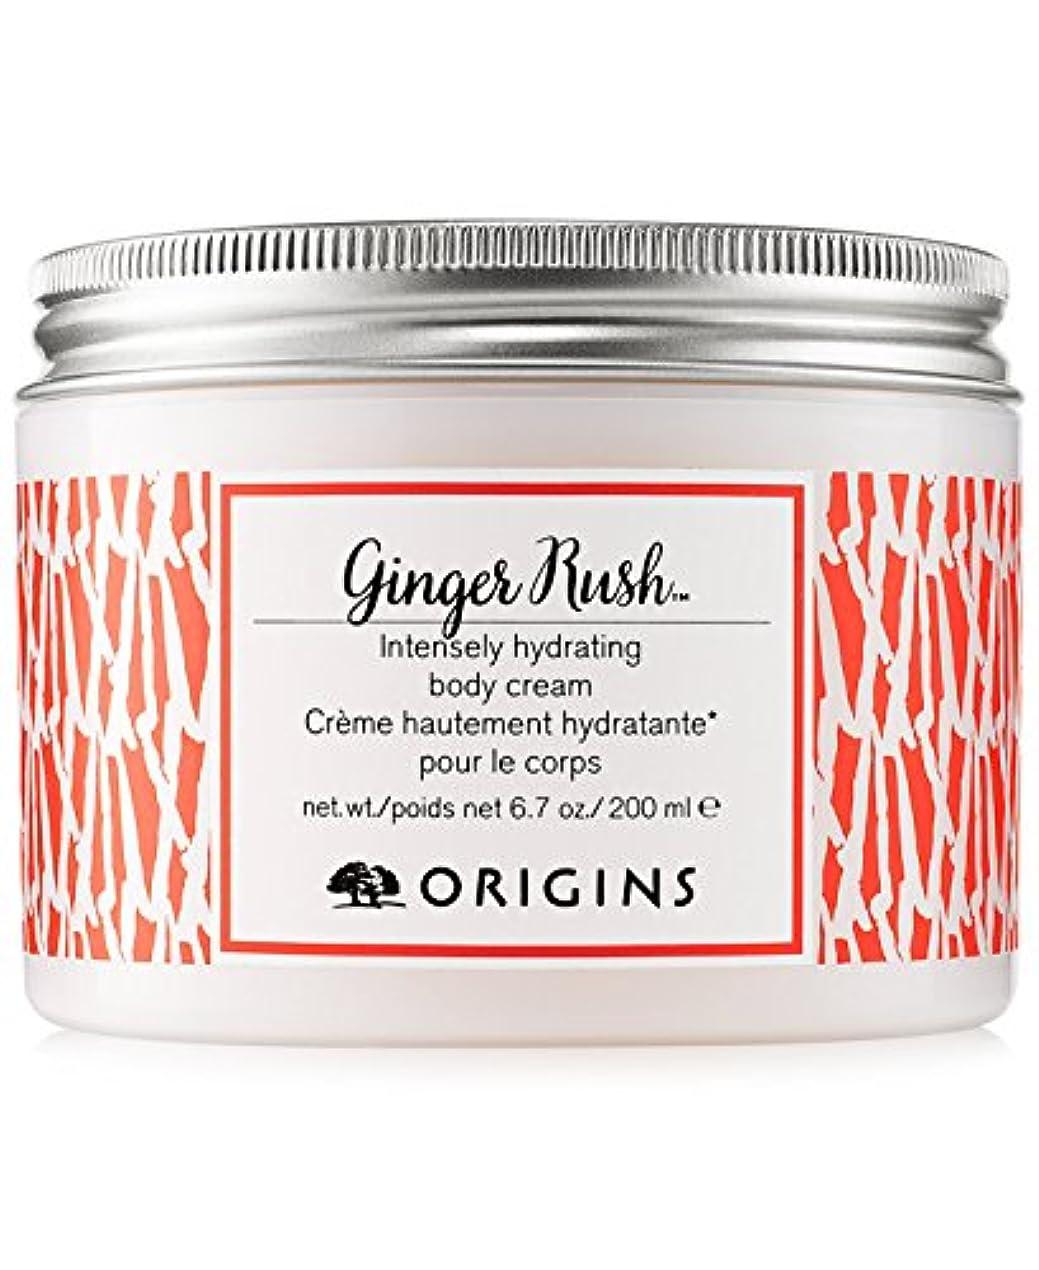 独立したインシュレータ非難するOrigins Ginger Rush Hydrating Body Cream, 6.7 oz.200 ml